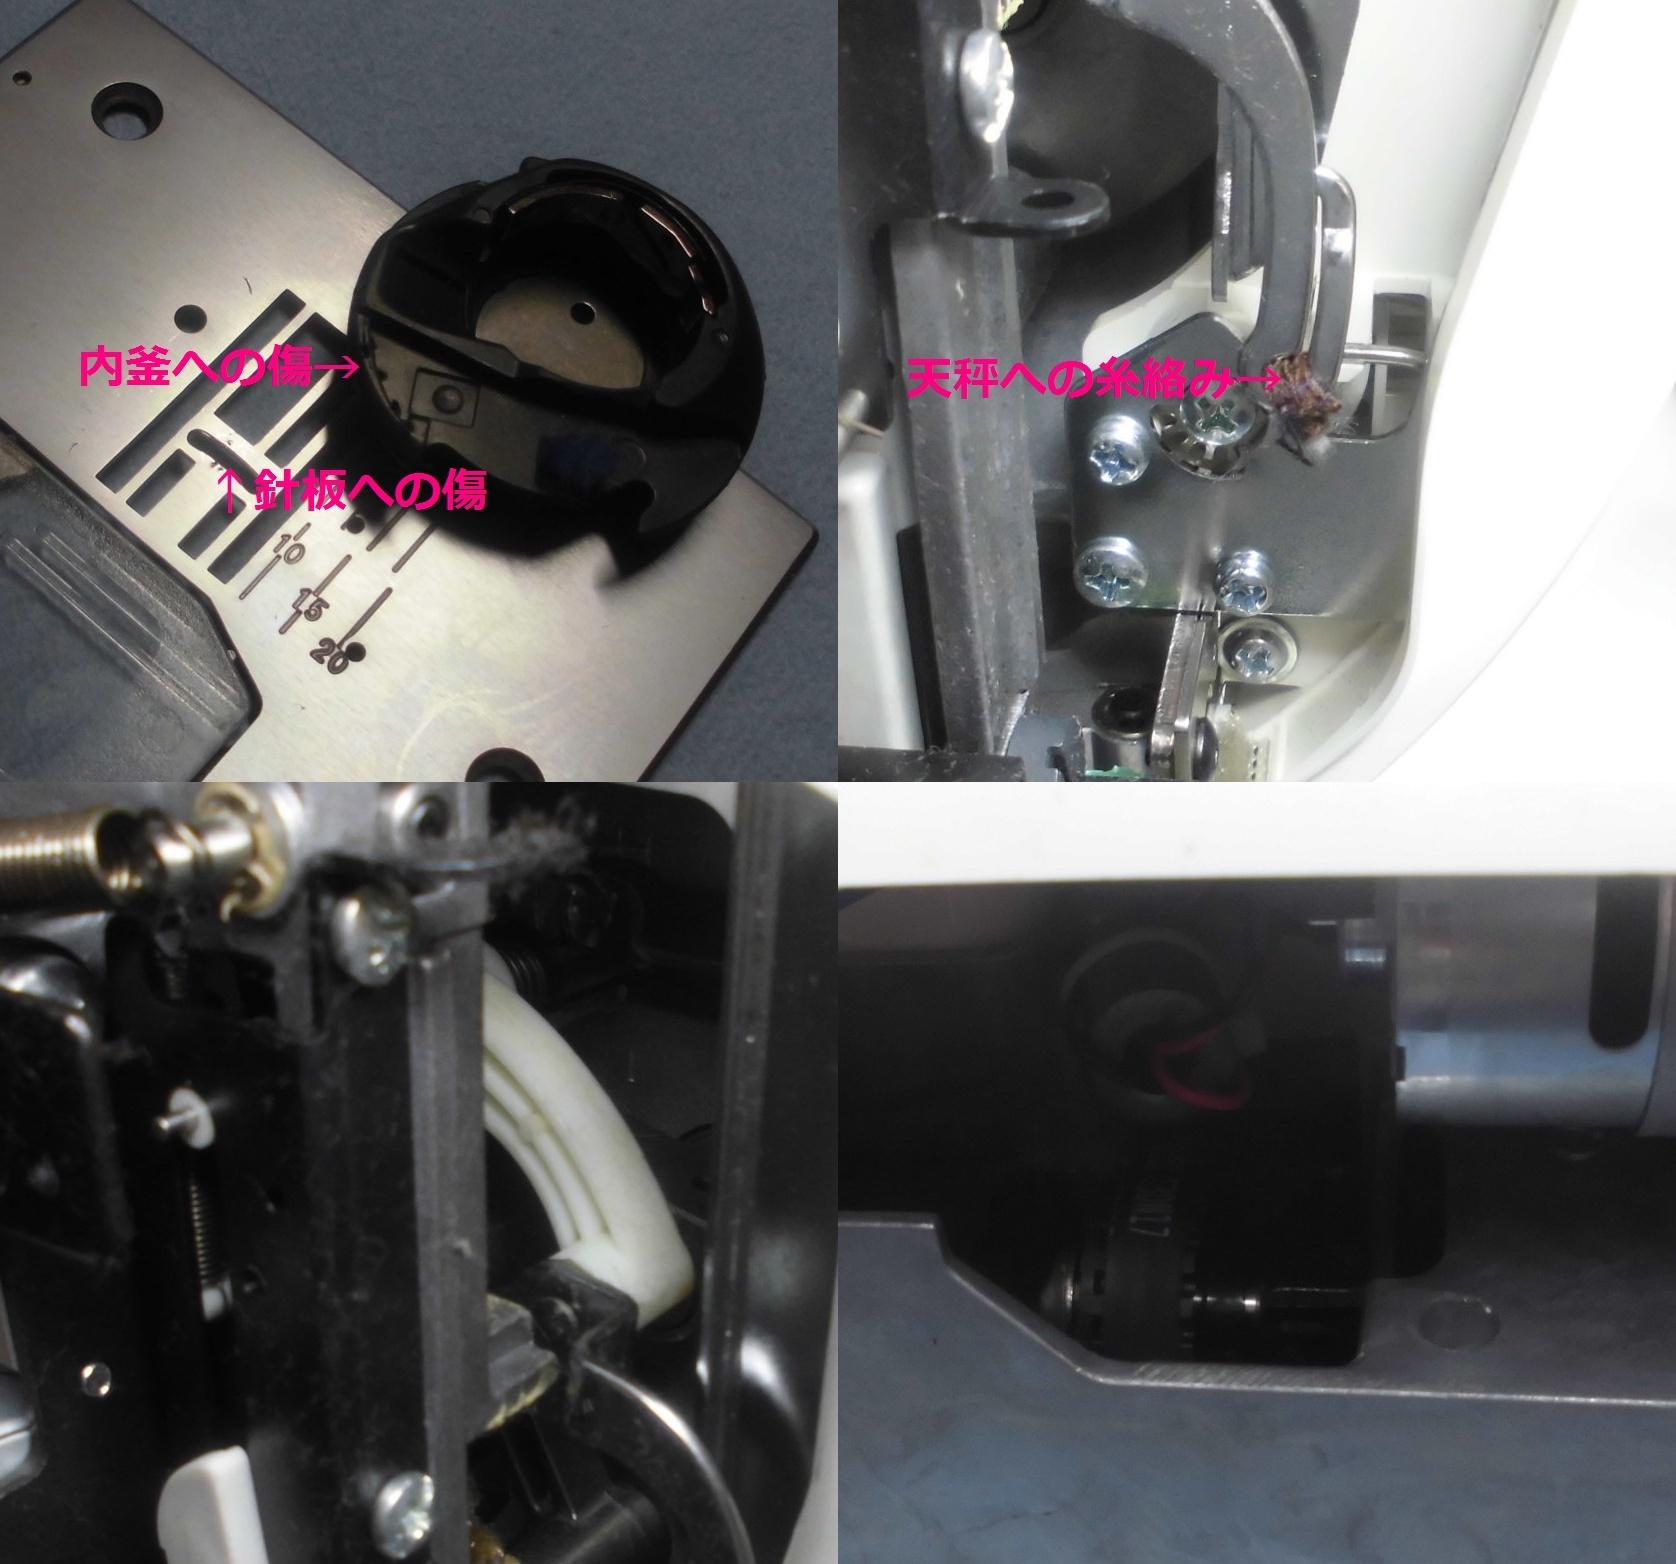 モナミヌウアルファSC-300の全体メンテナンス・修理 シンガーミシン